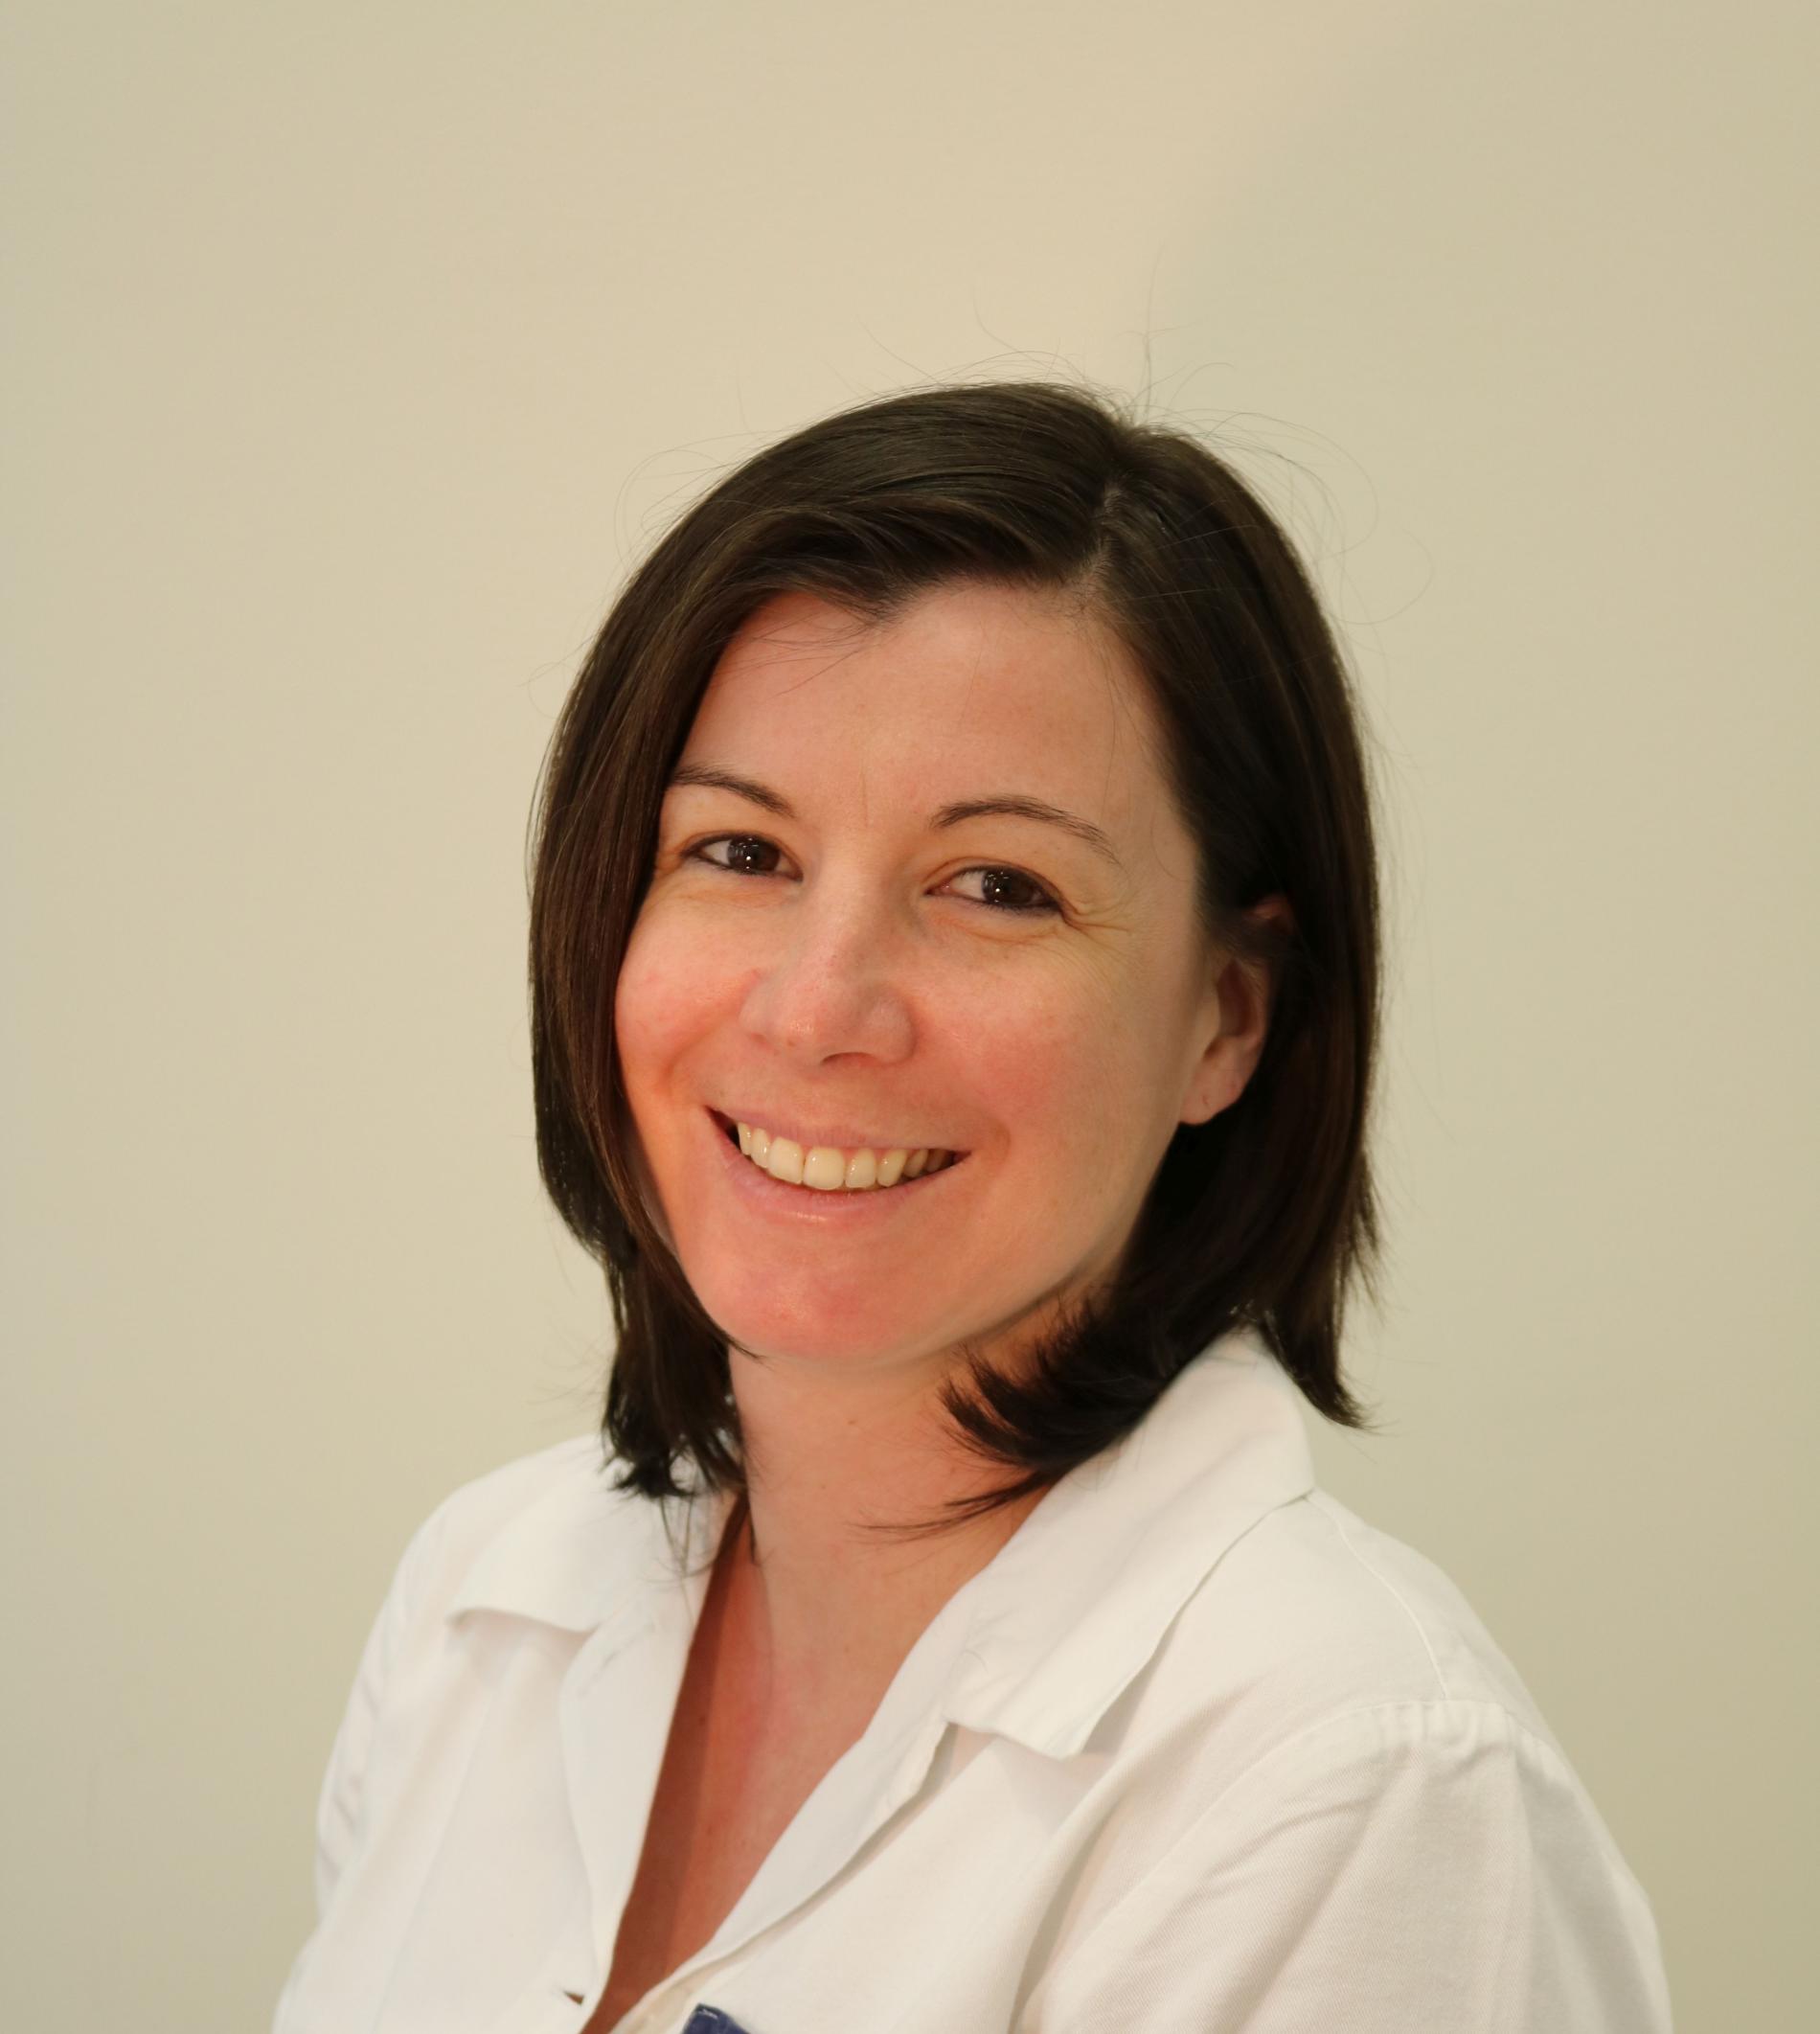 Dr. Judit Czene, DDS